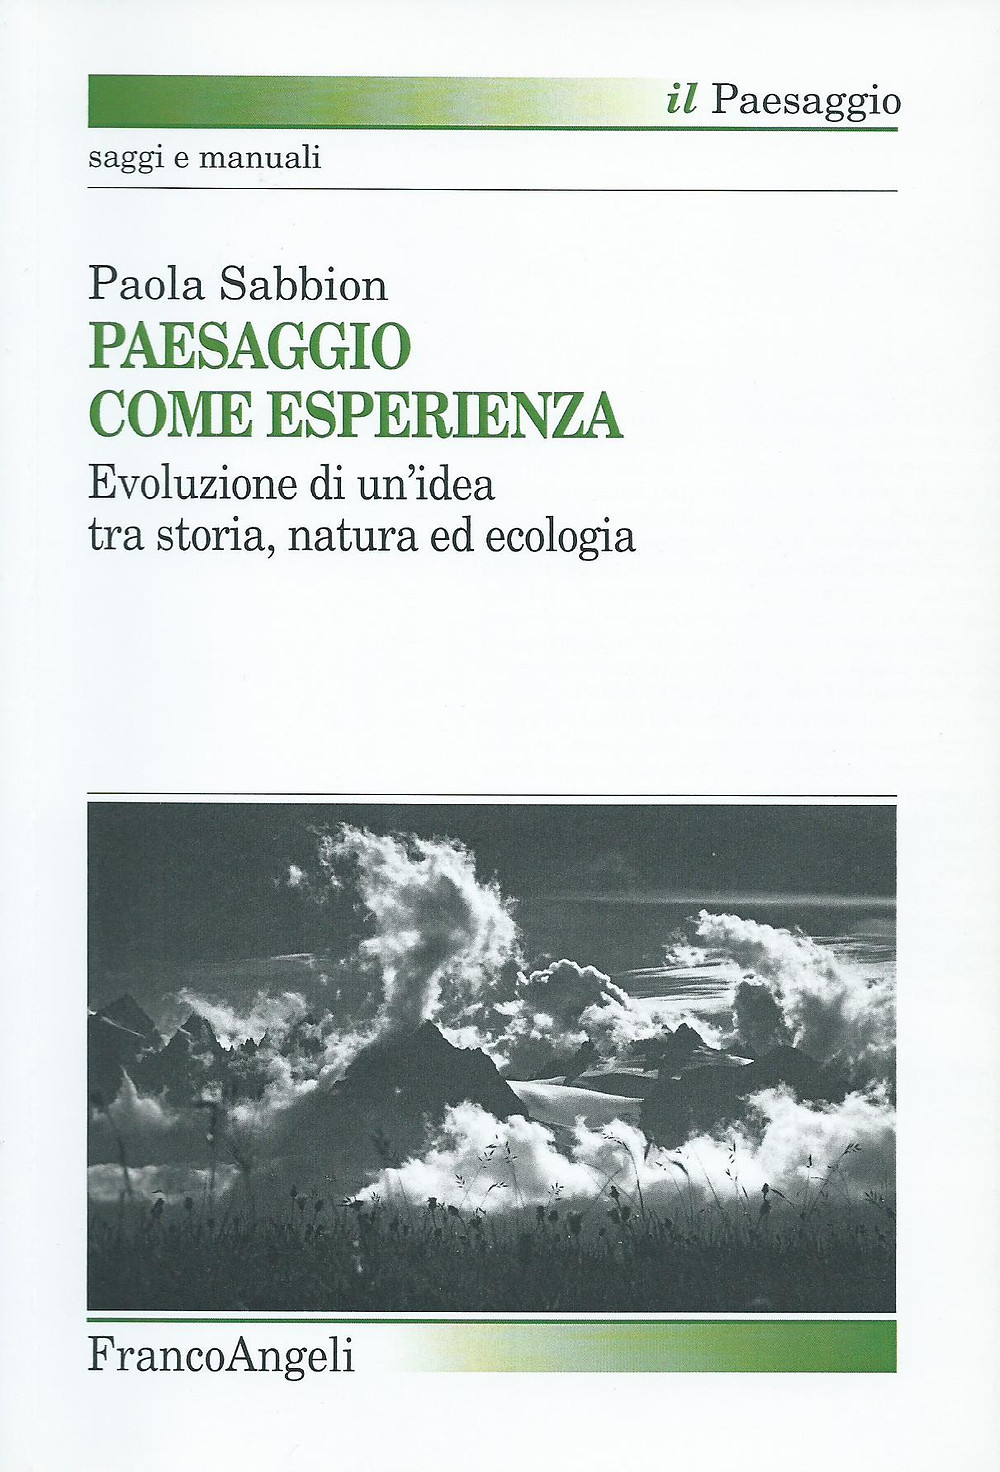 Paola Sabbion, Paesaggio come esperienza